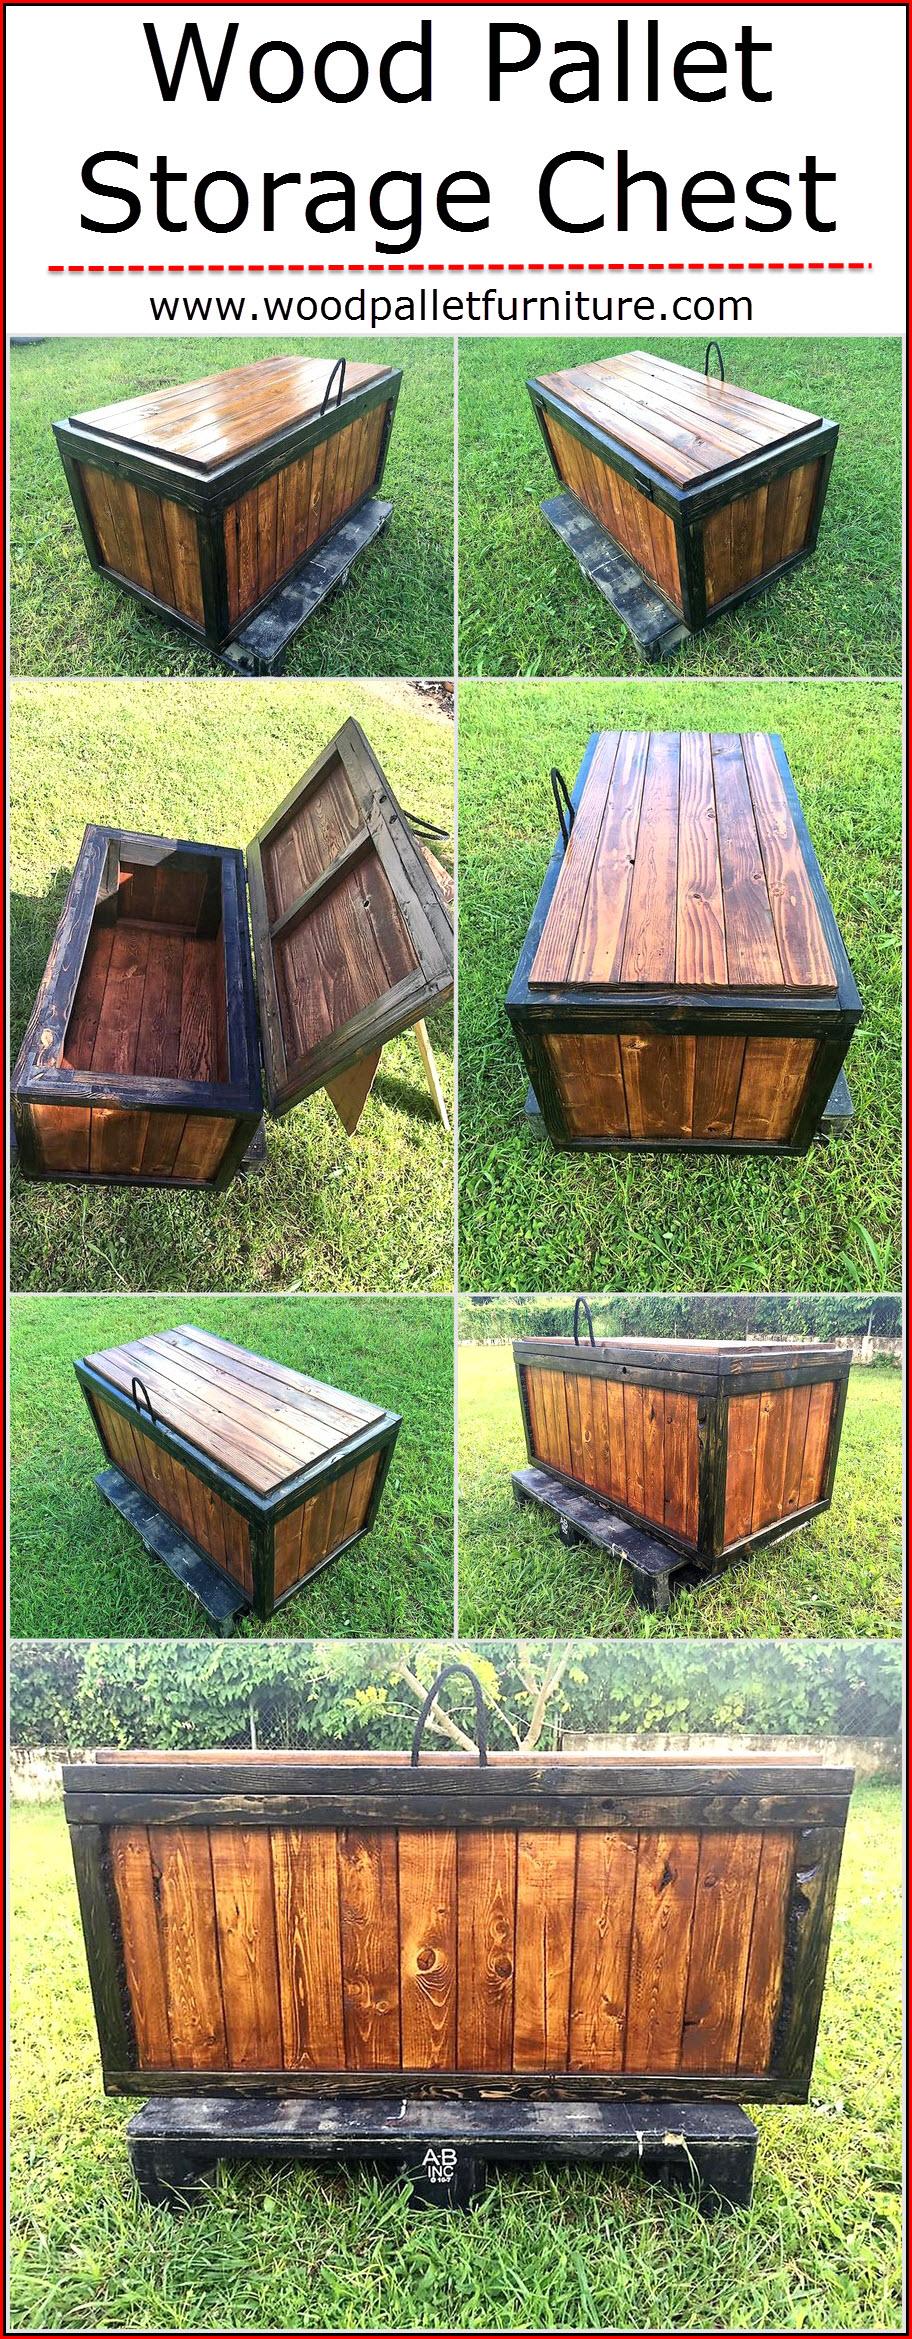 wood-pallet-storage-chest